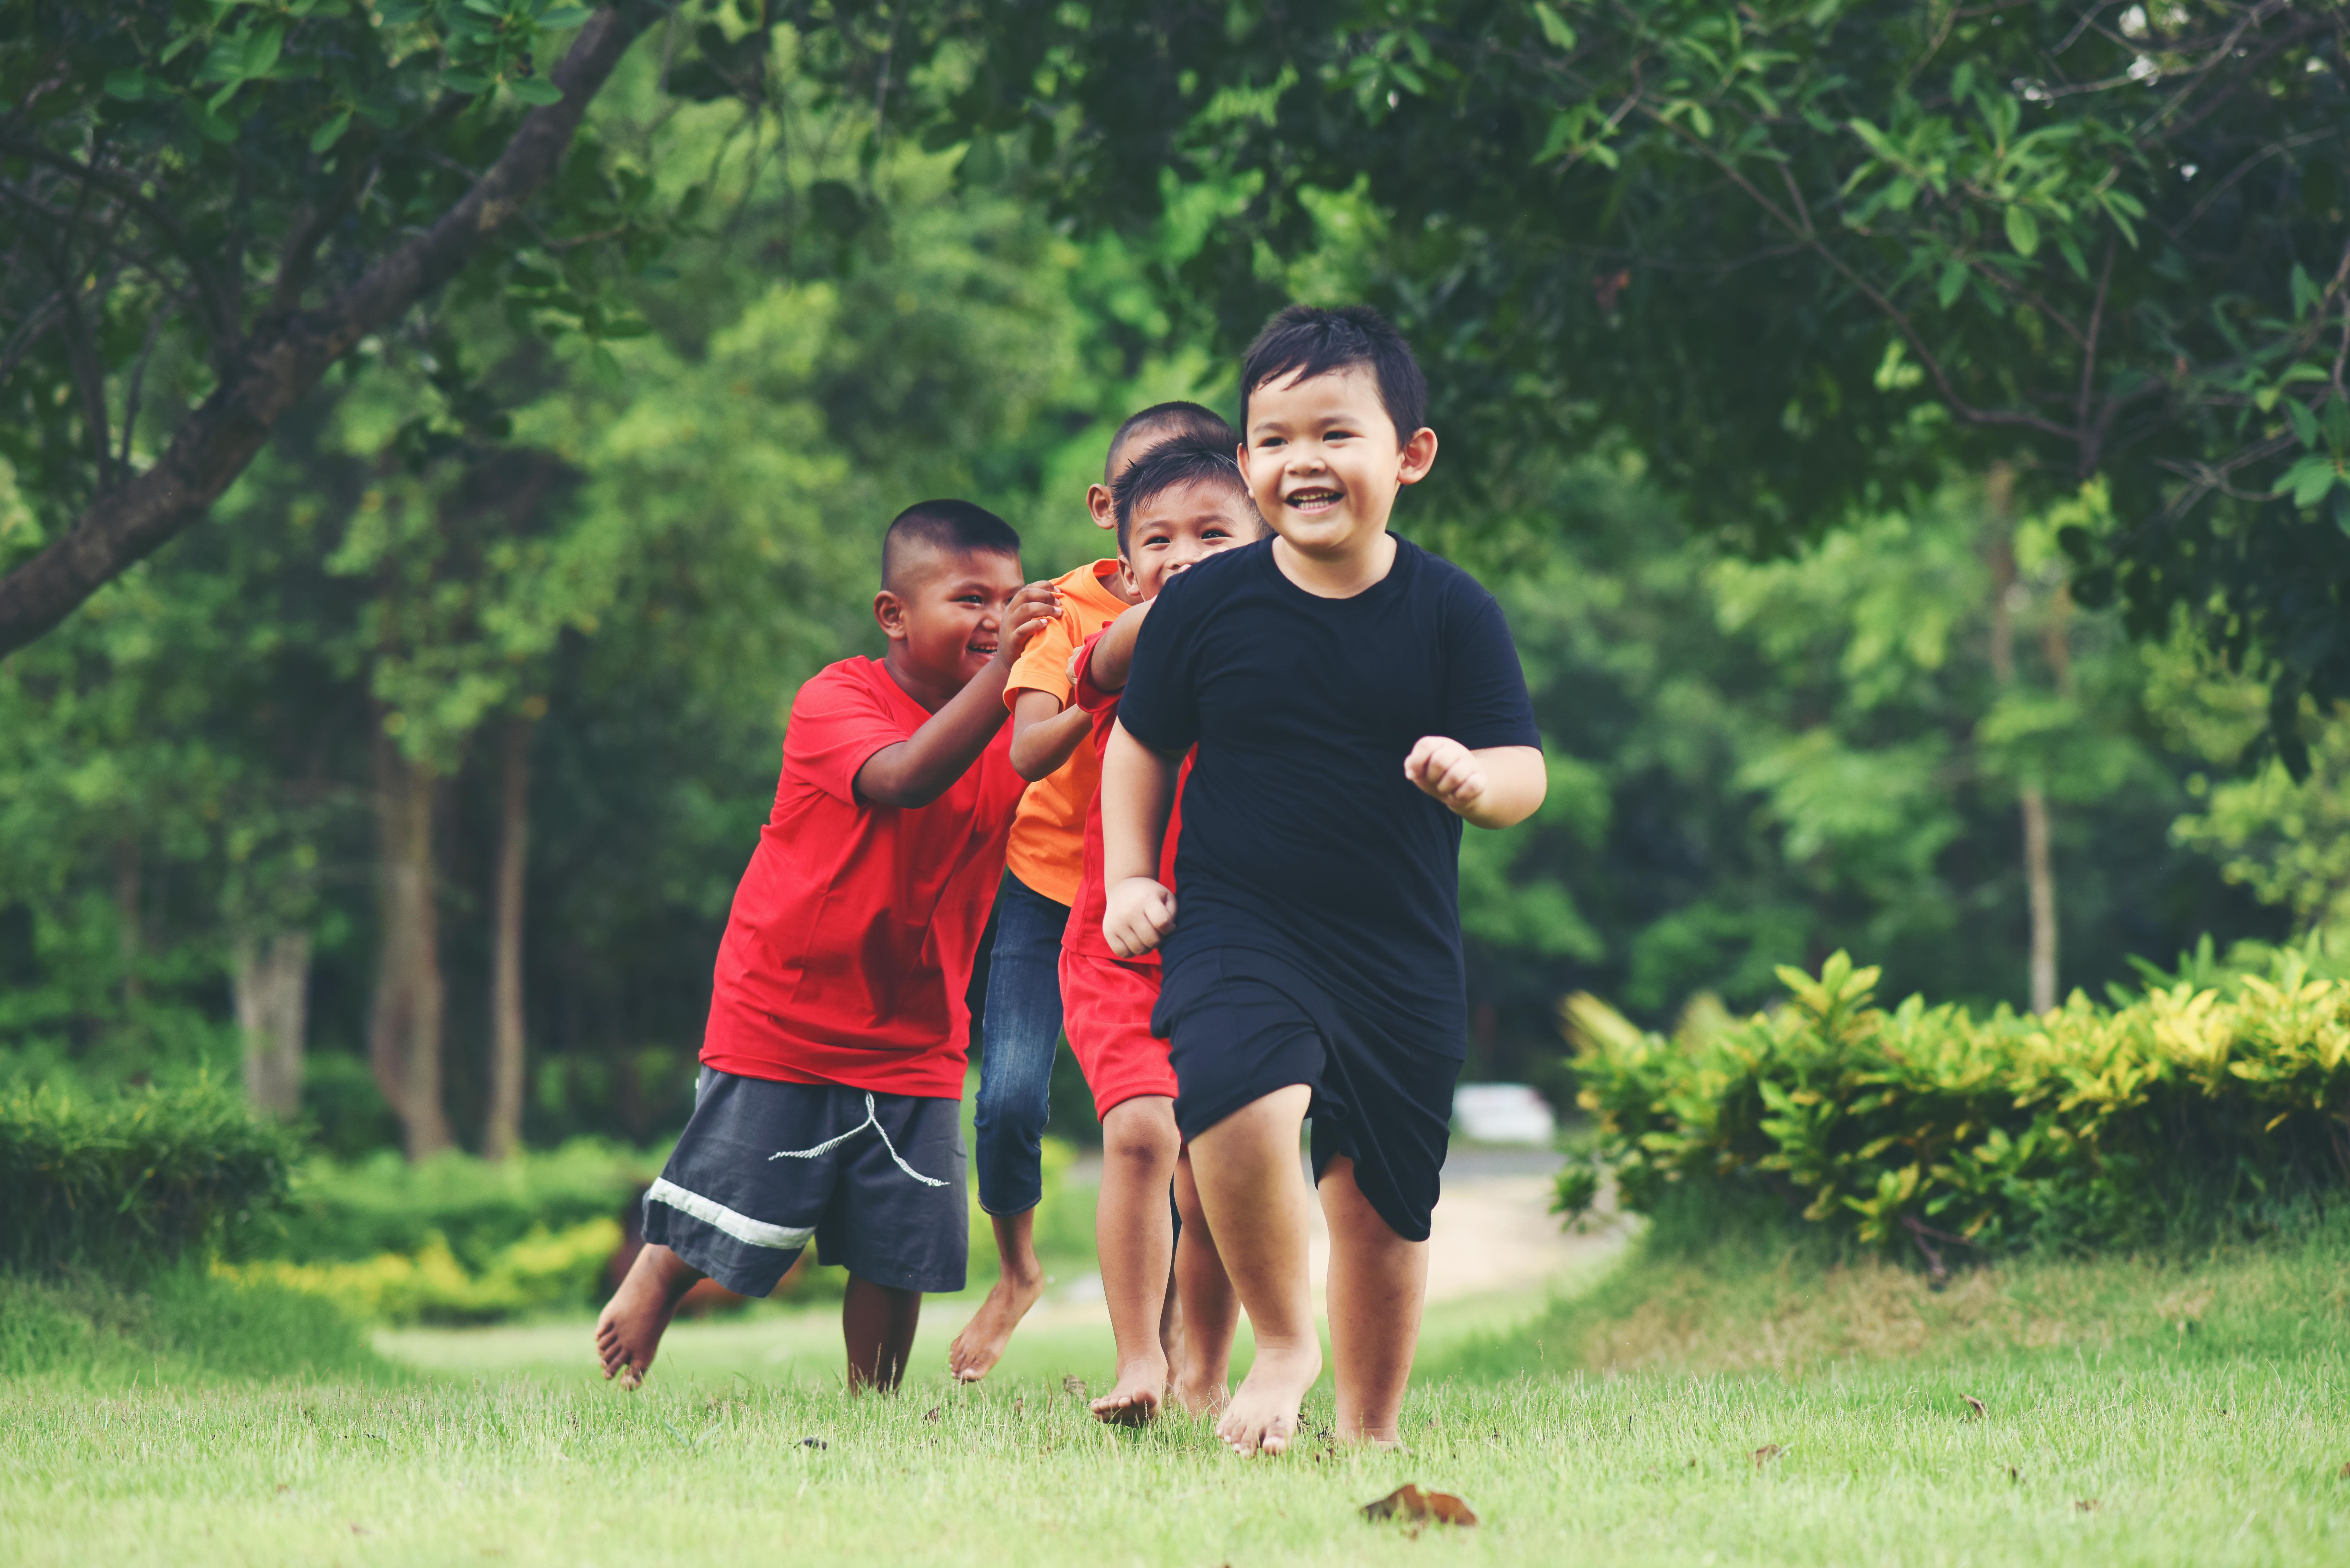 有自信的孩子不只愿意出门,还喜欢与人有往来。-图取自freepik-